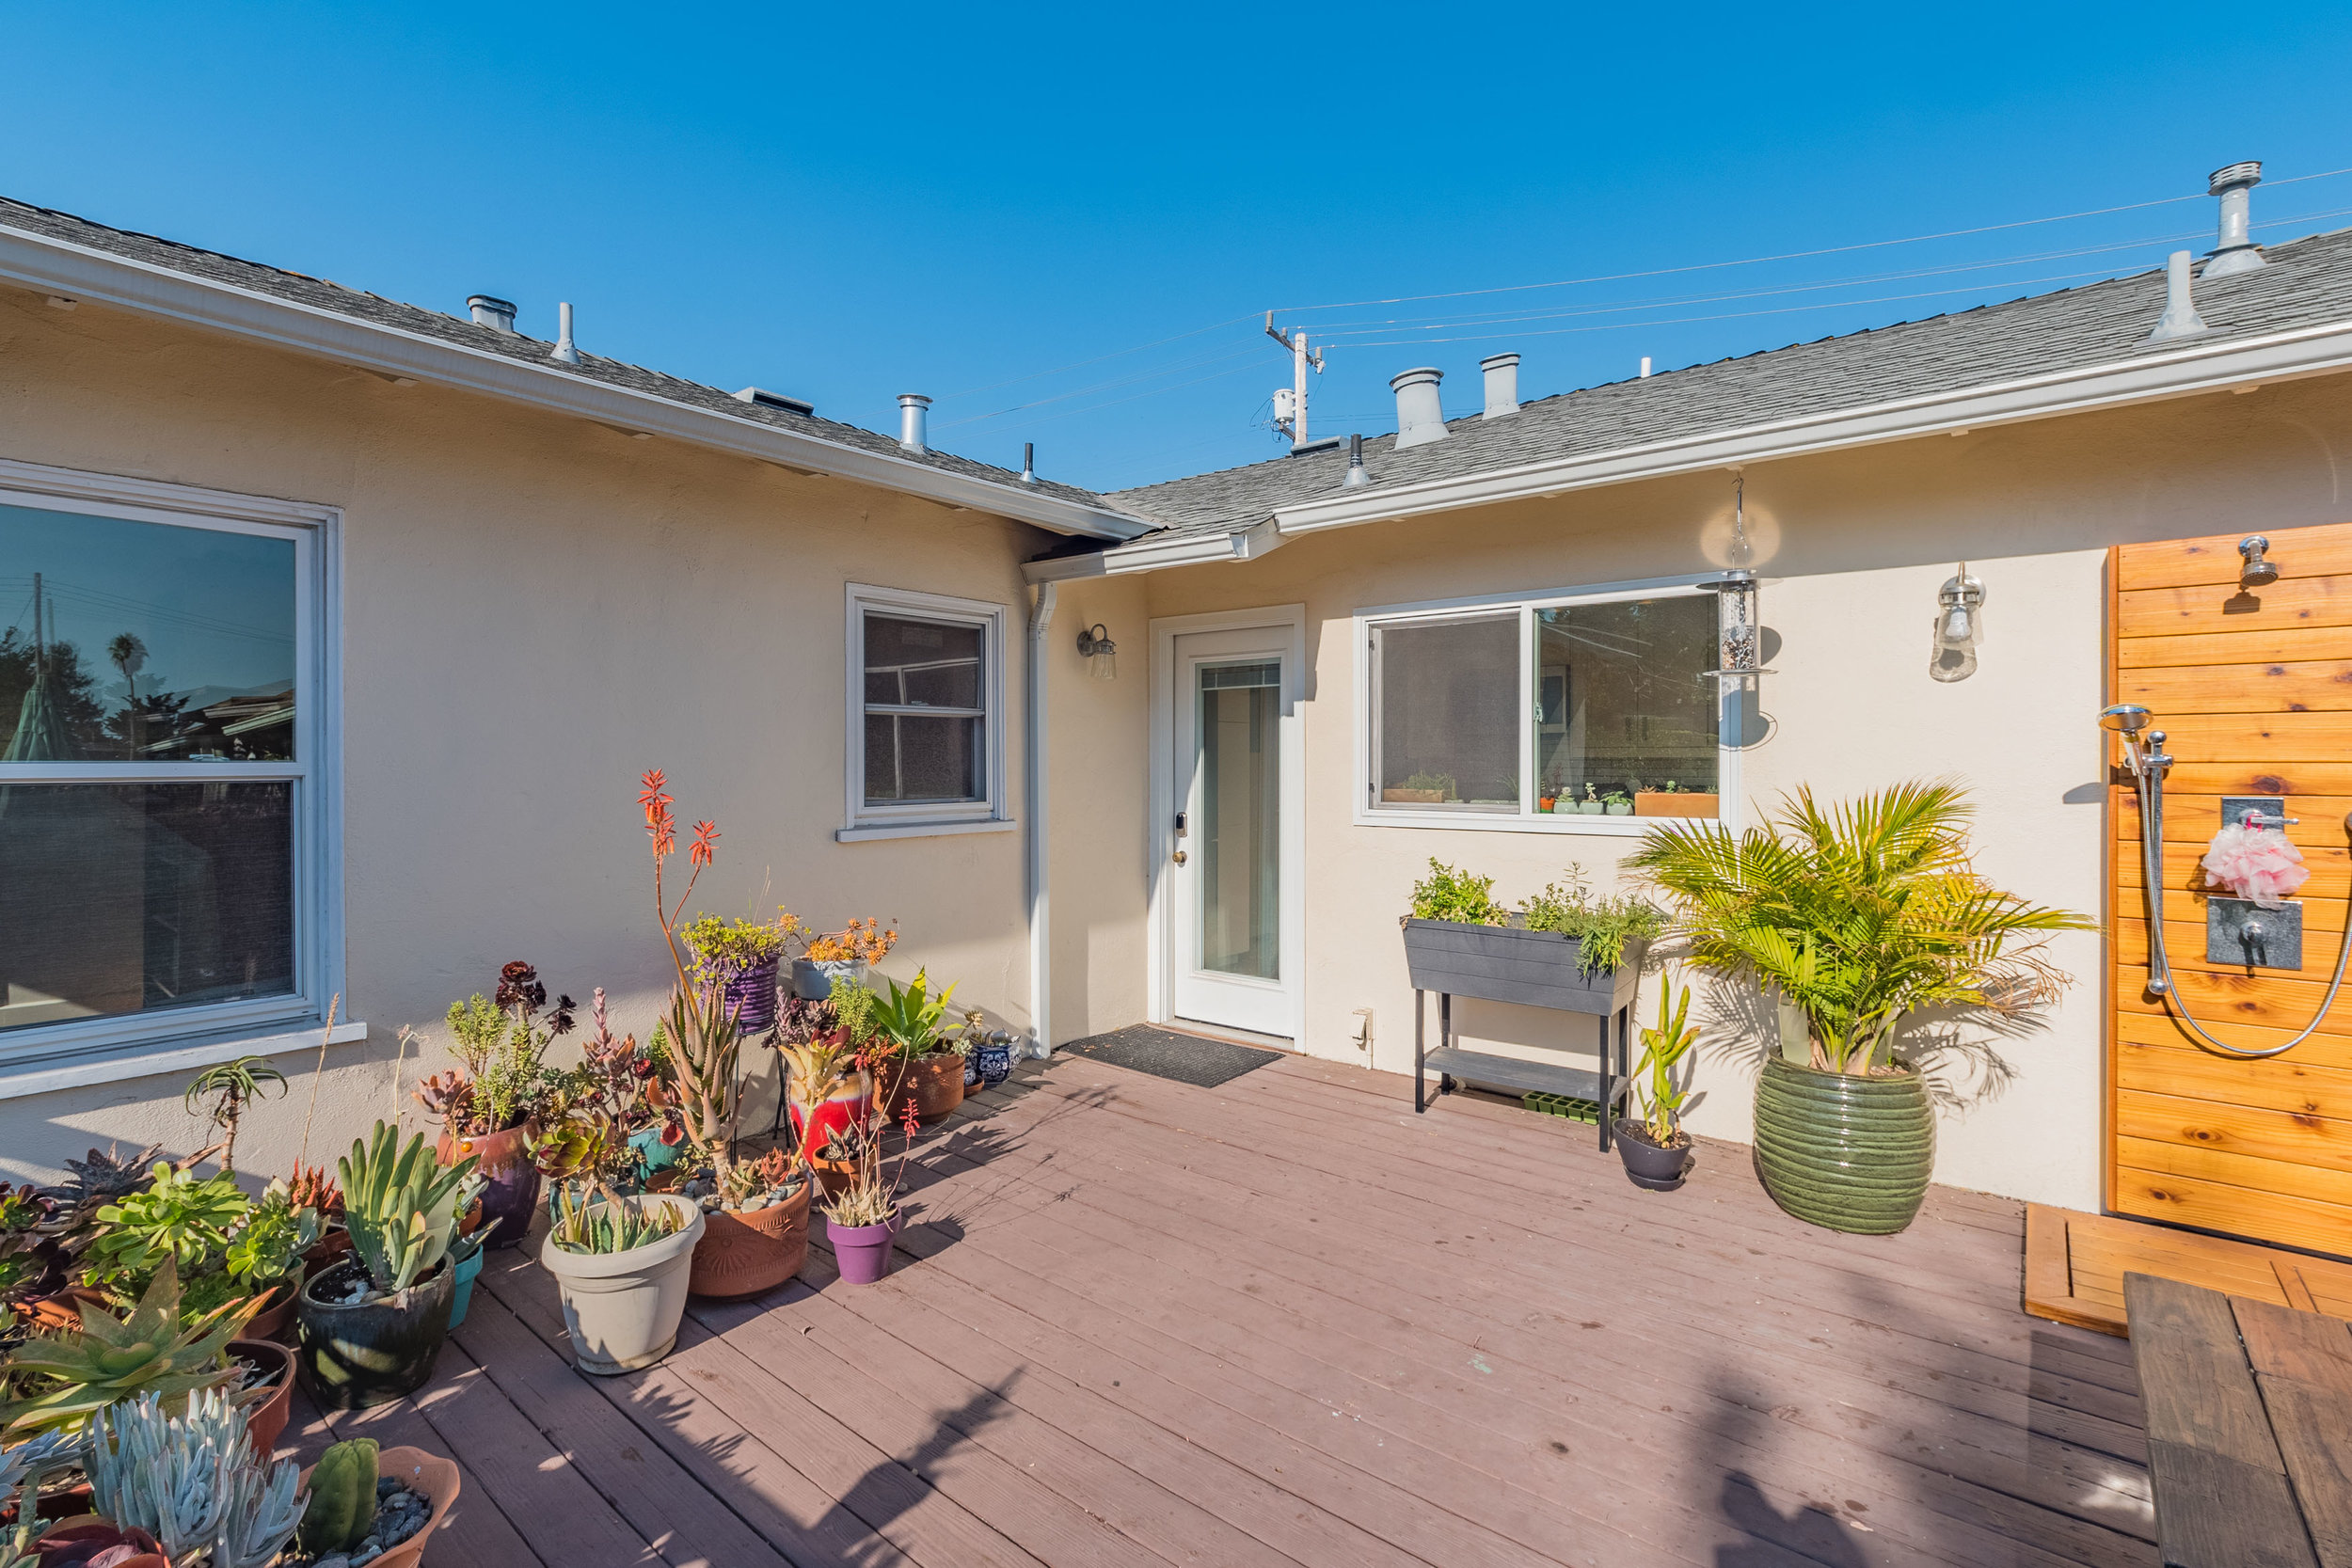 Sunny Deck Realtors in Santa Cruz